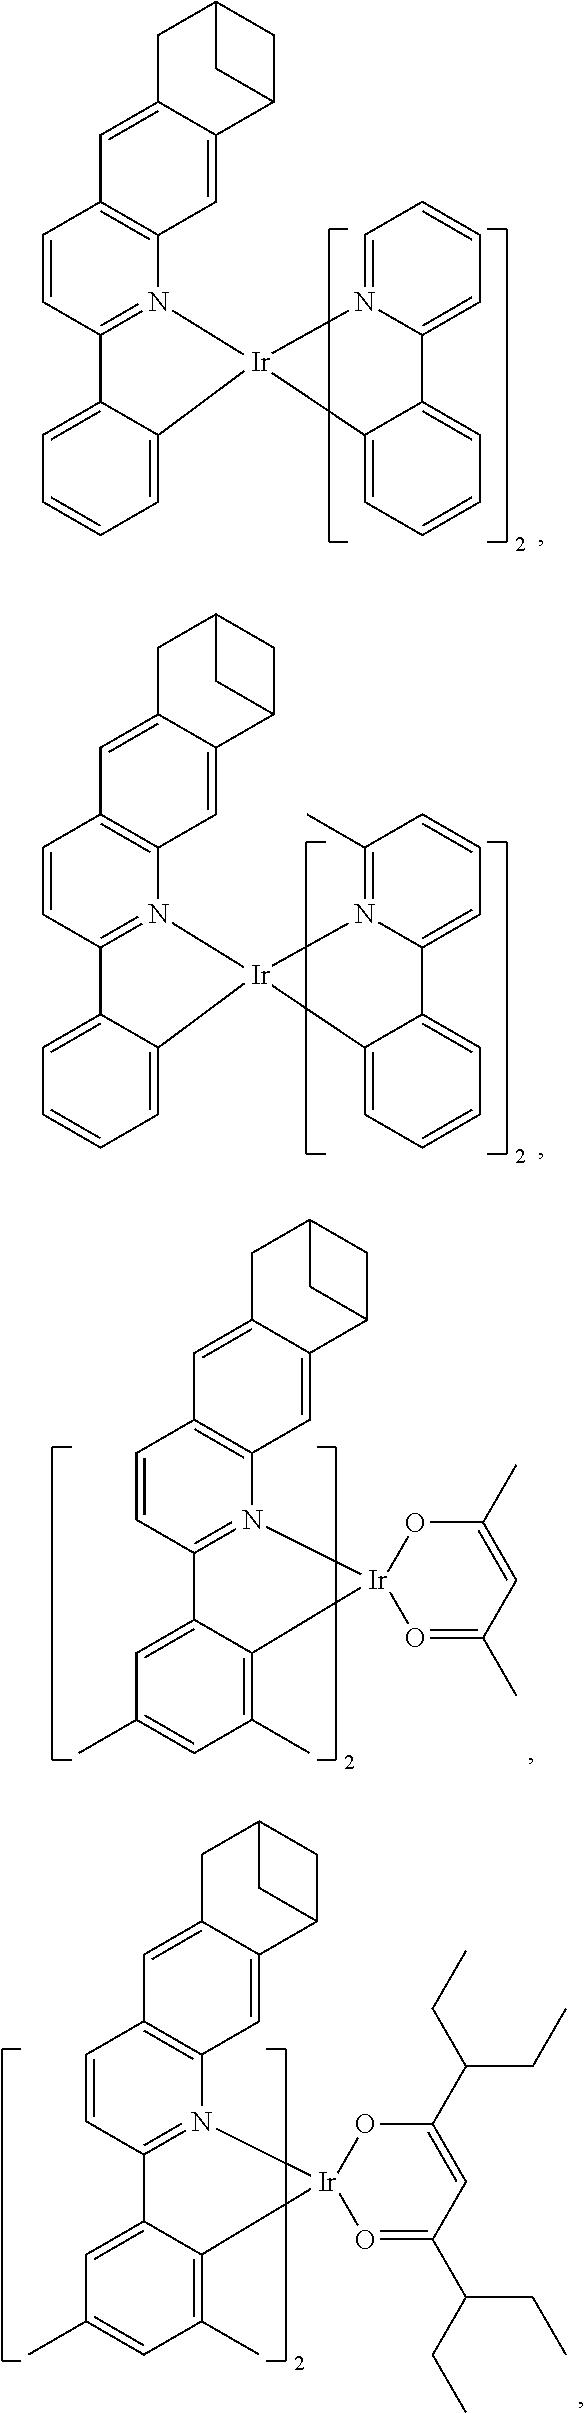 Figure US09691993-20170627-C00318